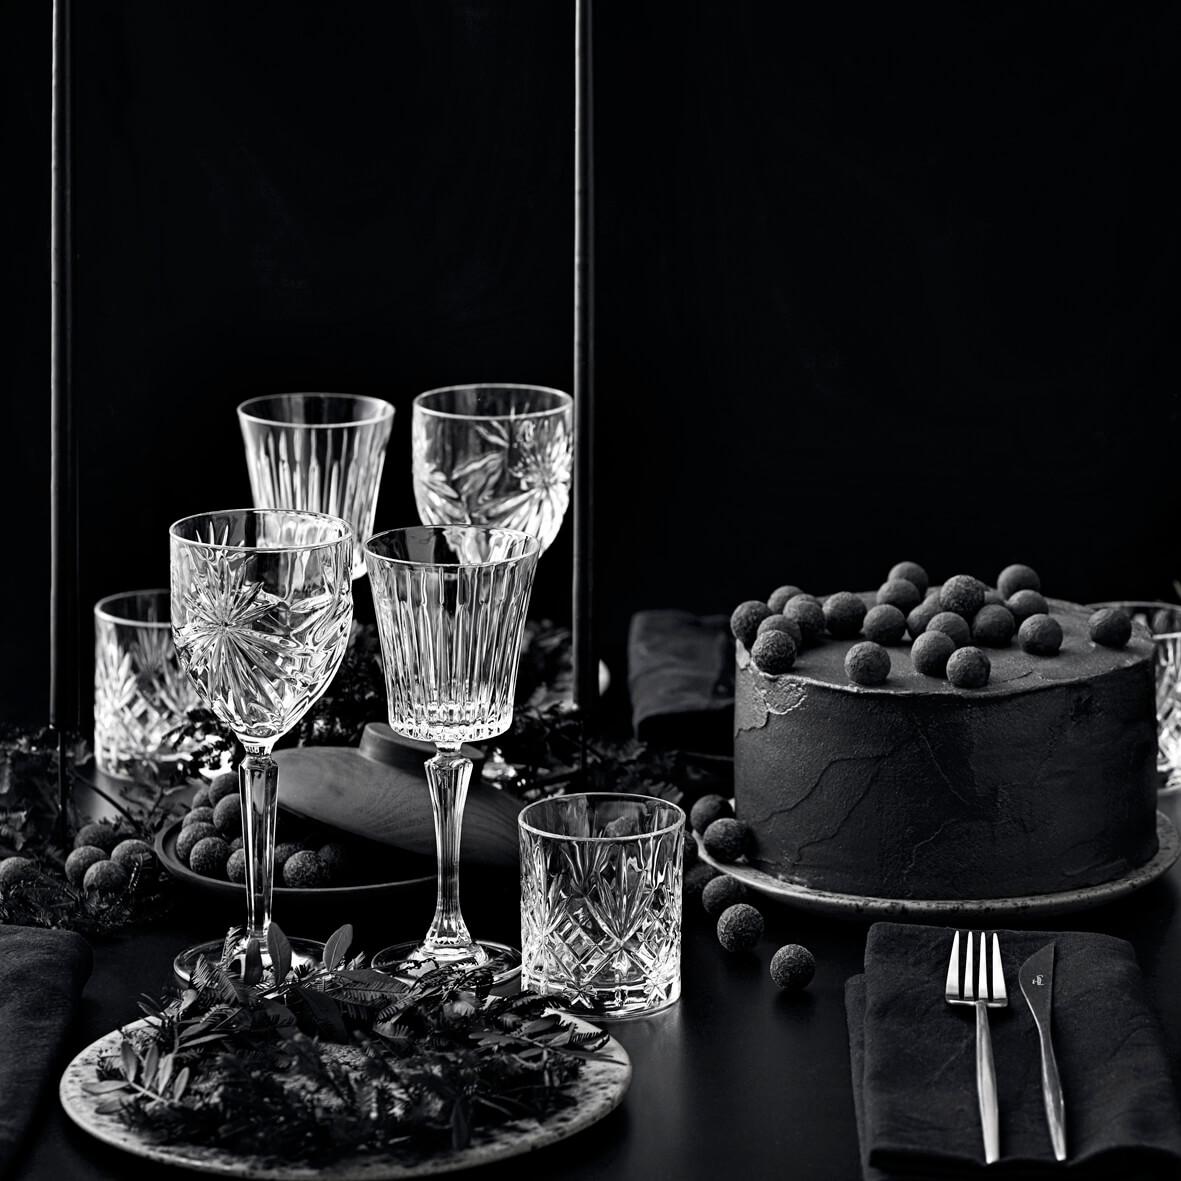 Lakrids_johan bulow_a table story_julebord_nytår_black_serviceudlejning København